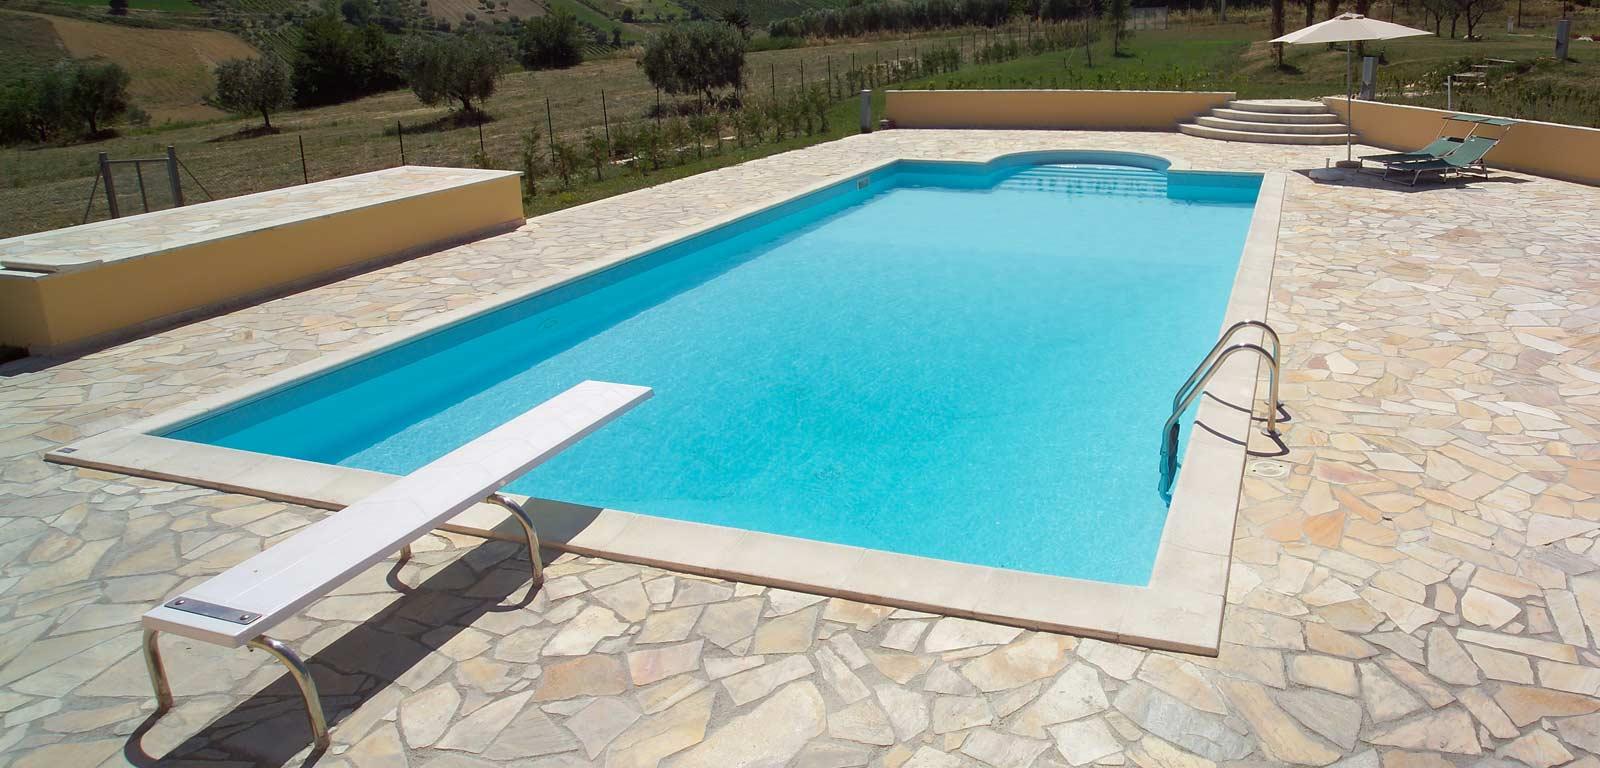 Trampolino piscina piscine castiglione for Piscinas de plastico para jardin